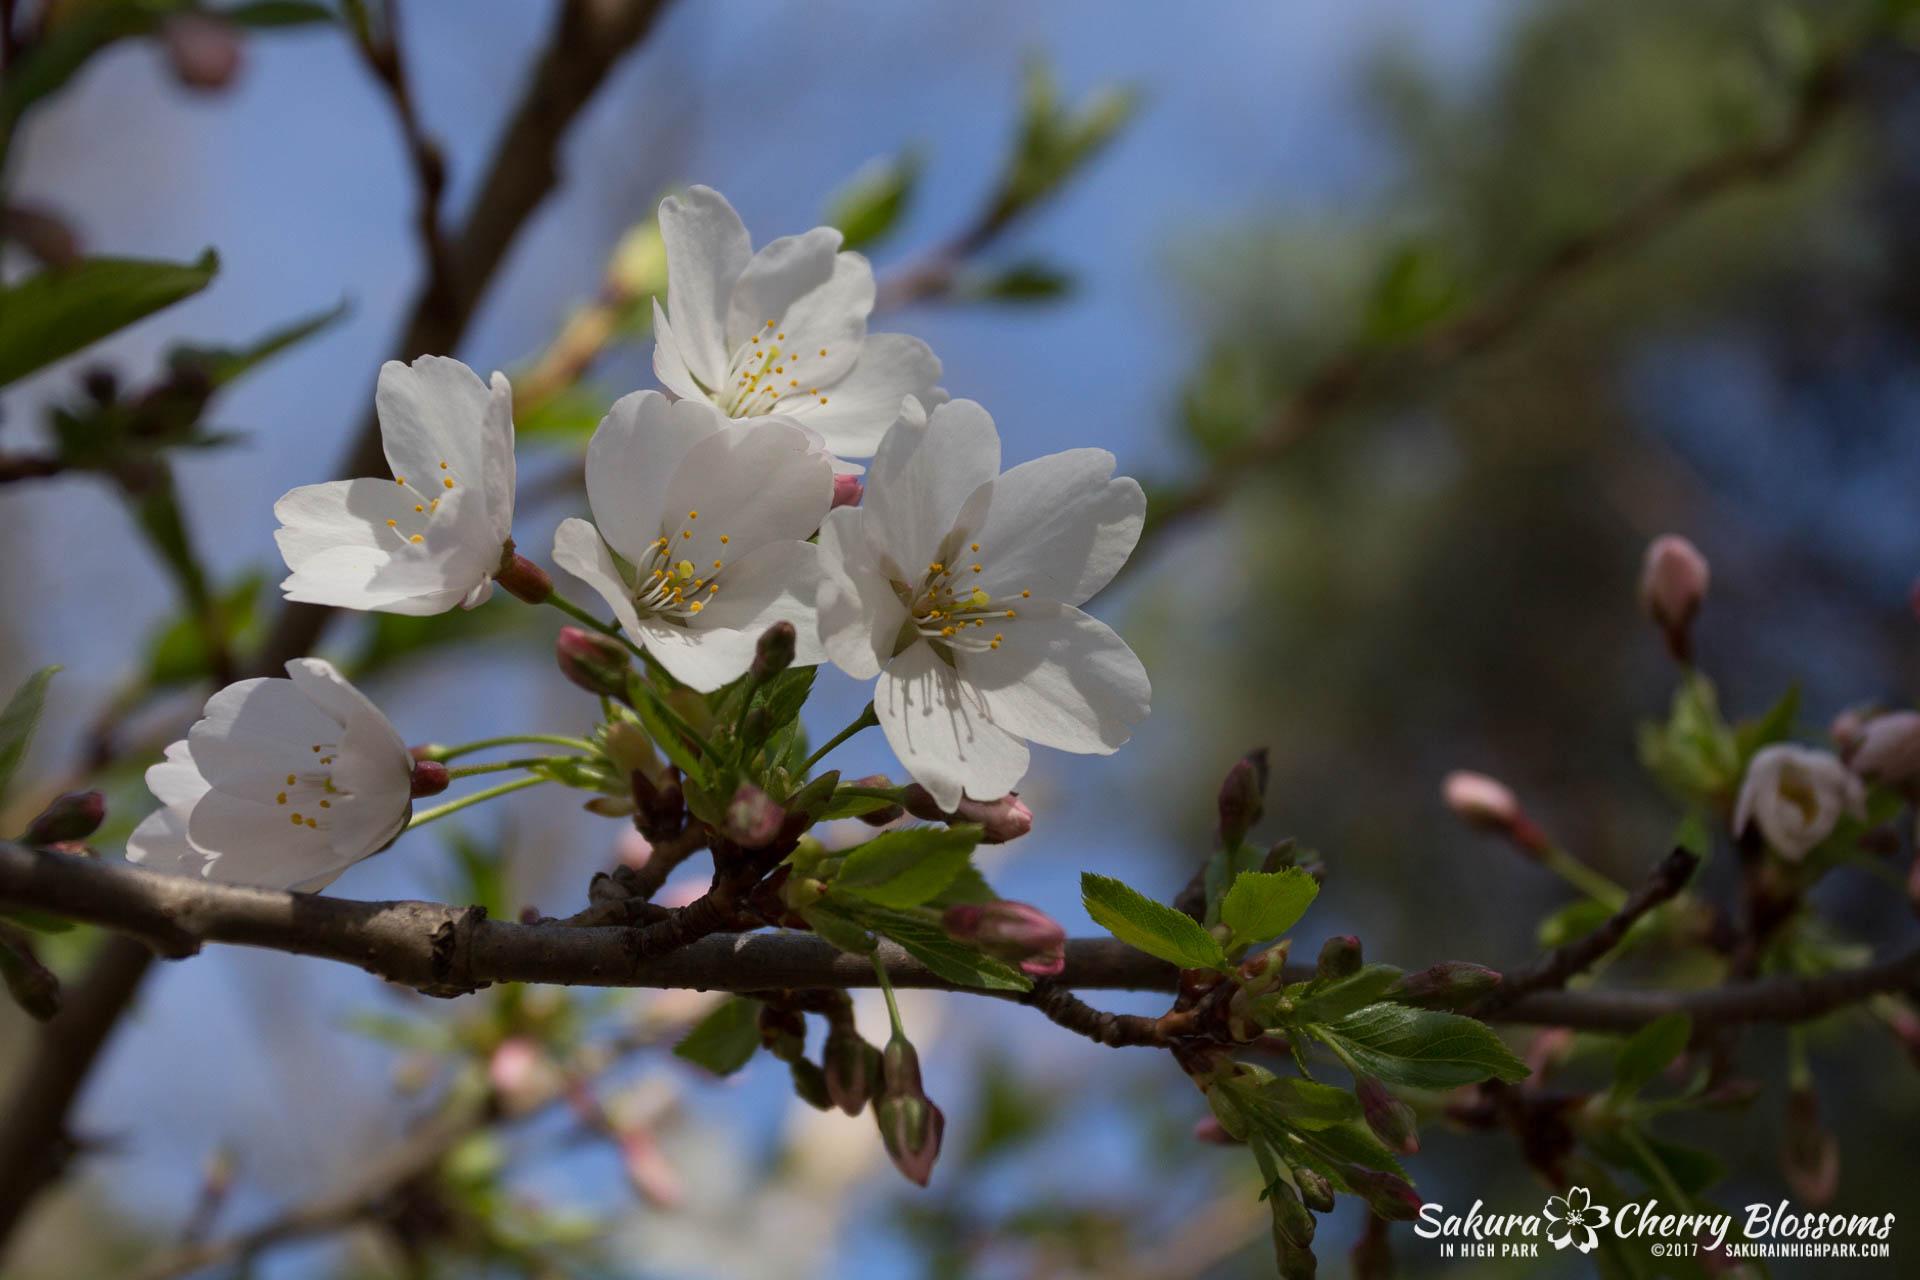 Sakura-Watch-April-28-2017-full-bloom-throughout-High-Park-5759.jpg